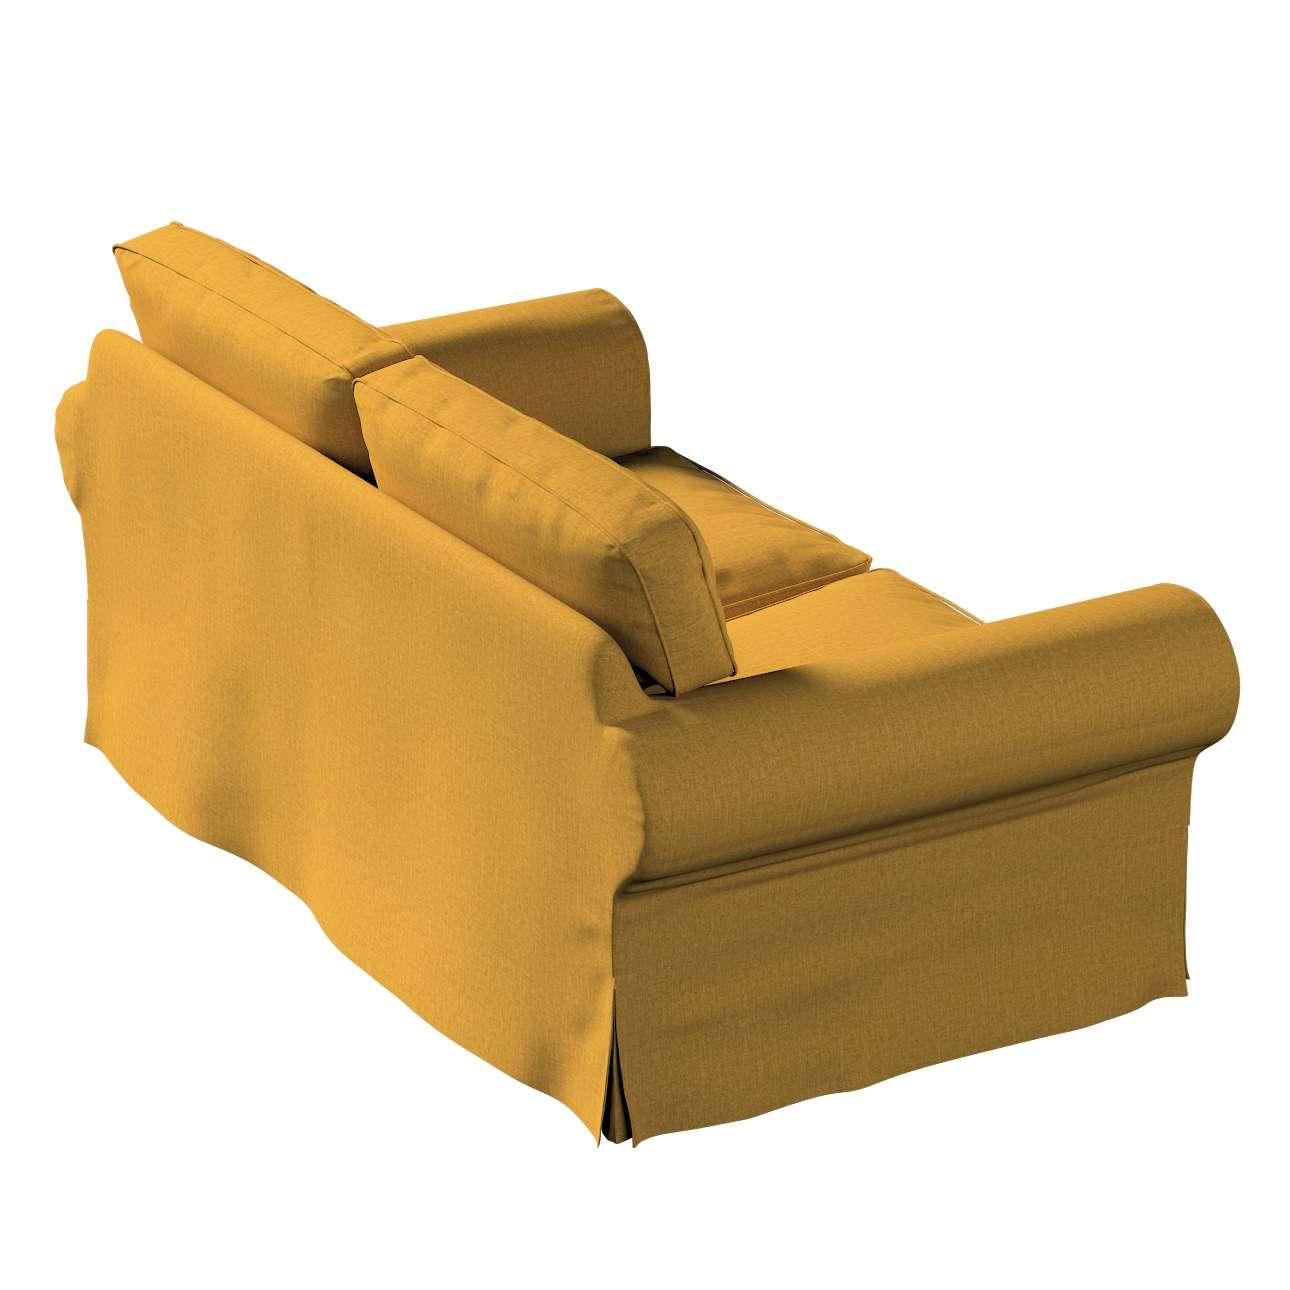 Pokrowiec na sofę Ektorp 2-osobową, rozkładaną, model do 2012 w kolekcji City, tkanina: 704-82